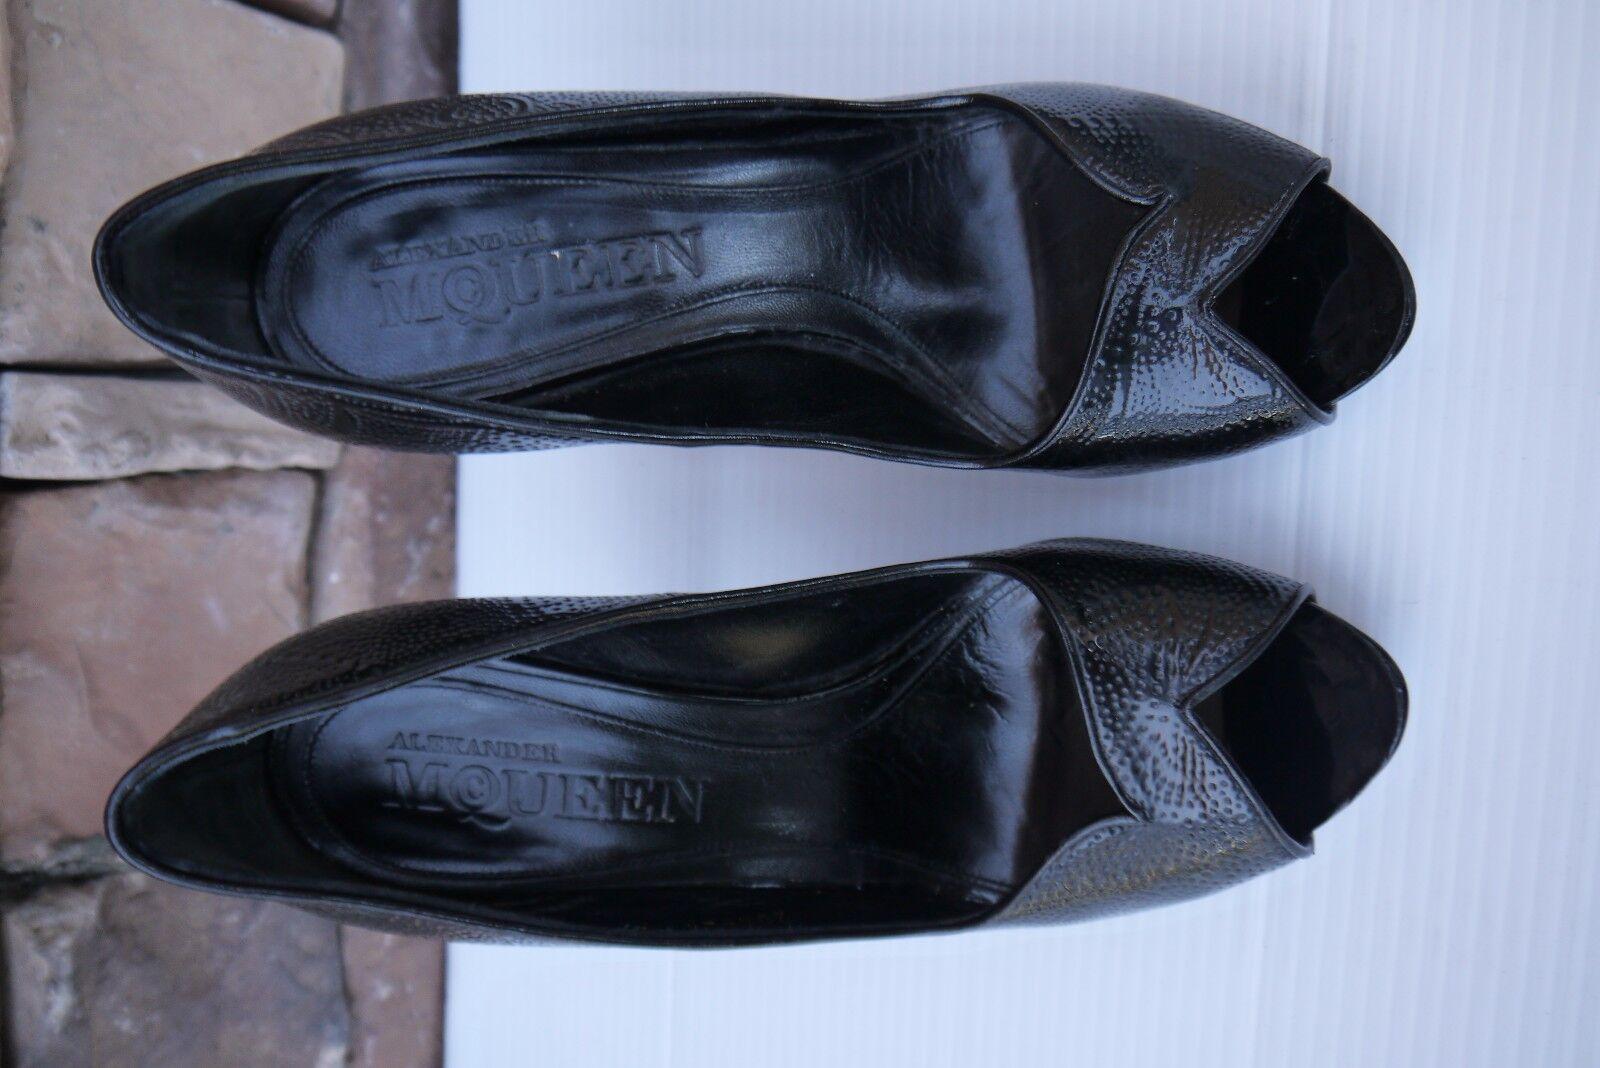 Gorgeous Alexander McQueen PEEP TOE PUMPS PATENT LEATHER BLACK BLACK BLACK EU 37.5  US 7.5 df5d12